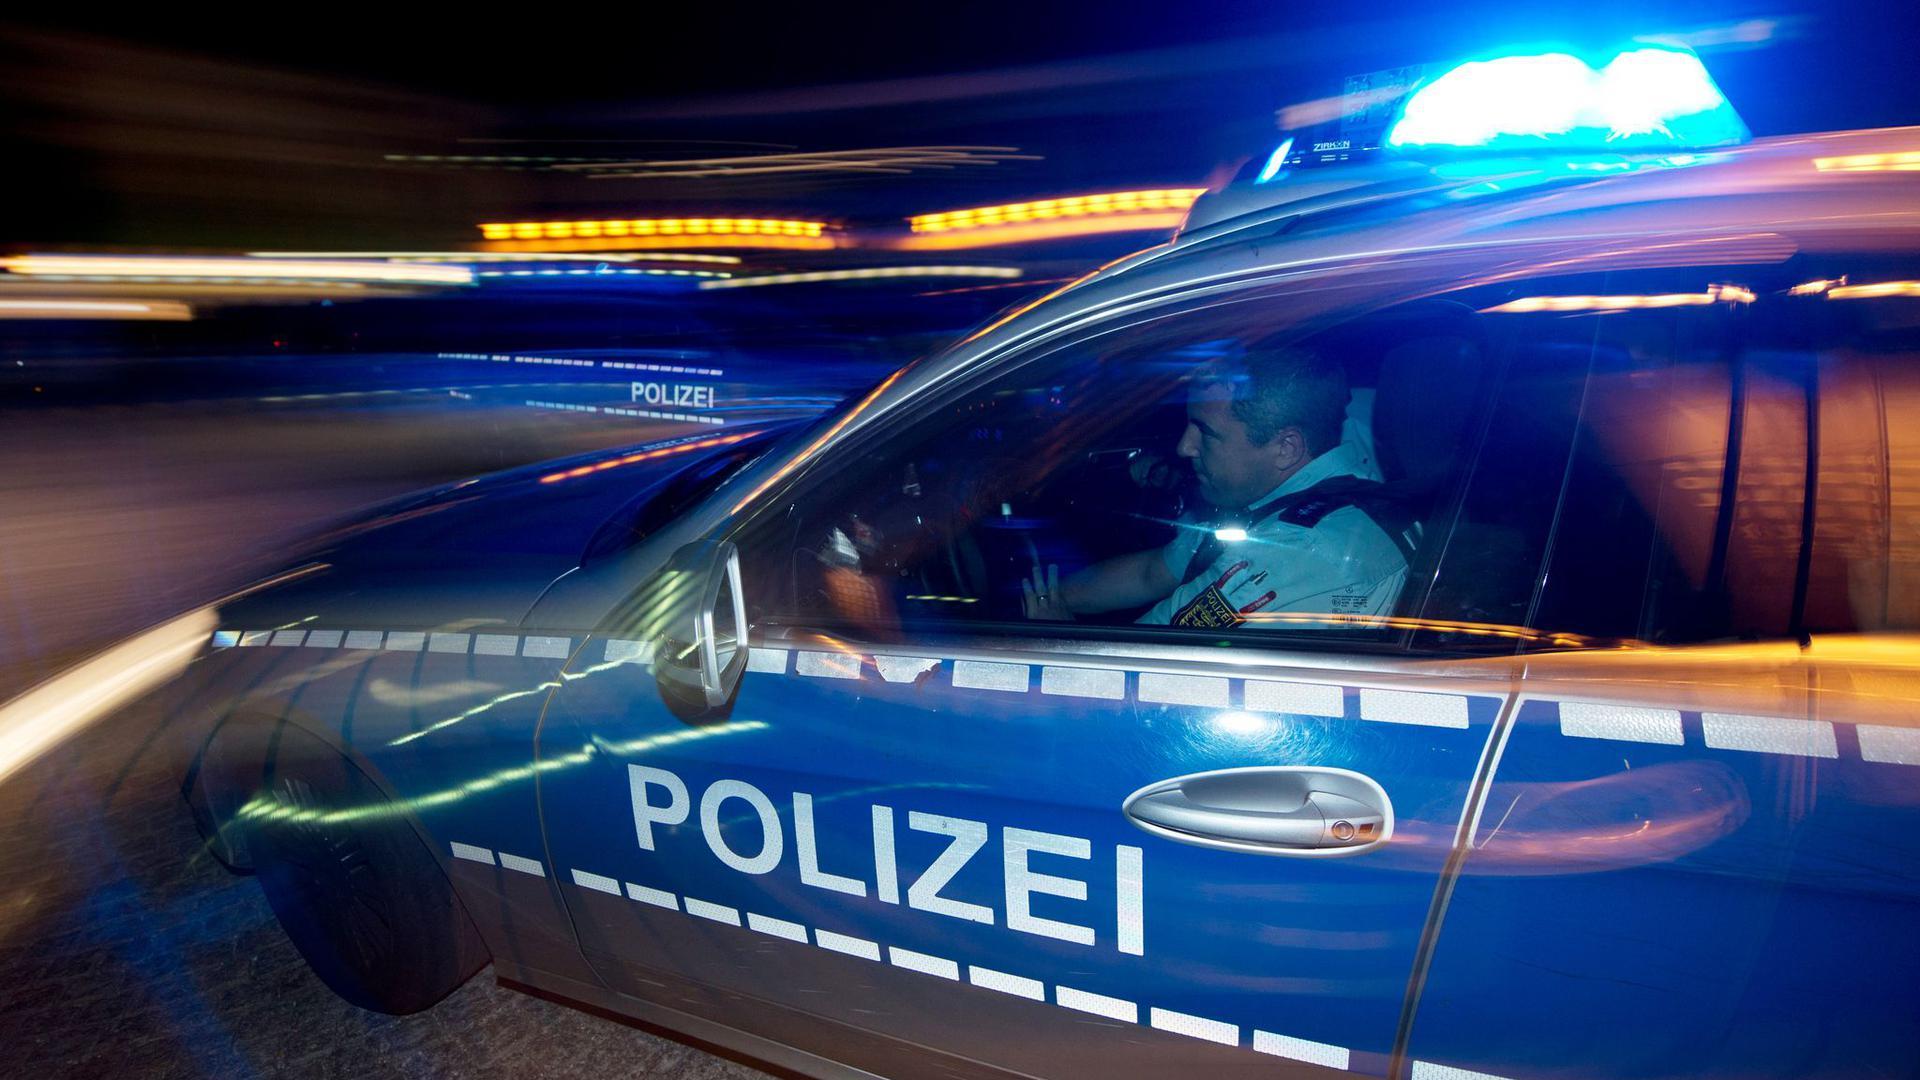 Eine Polizeistreife fährt zu einem Einsatz.